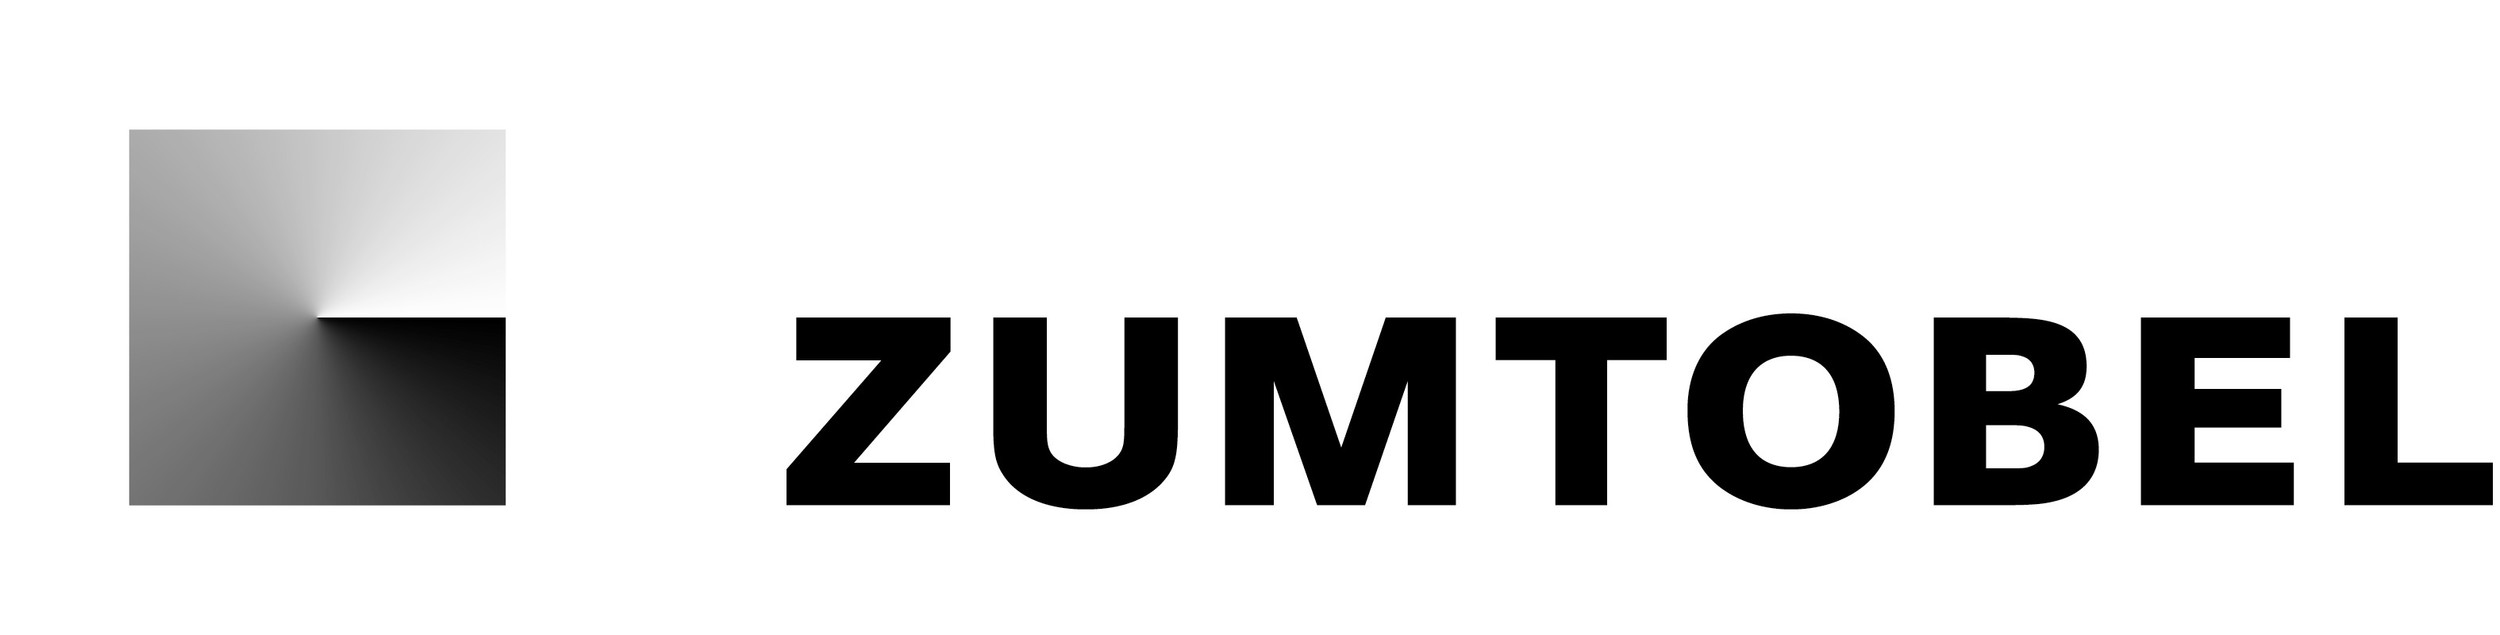 Zumtobel_Logo_pos041806.jpg